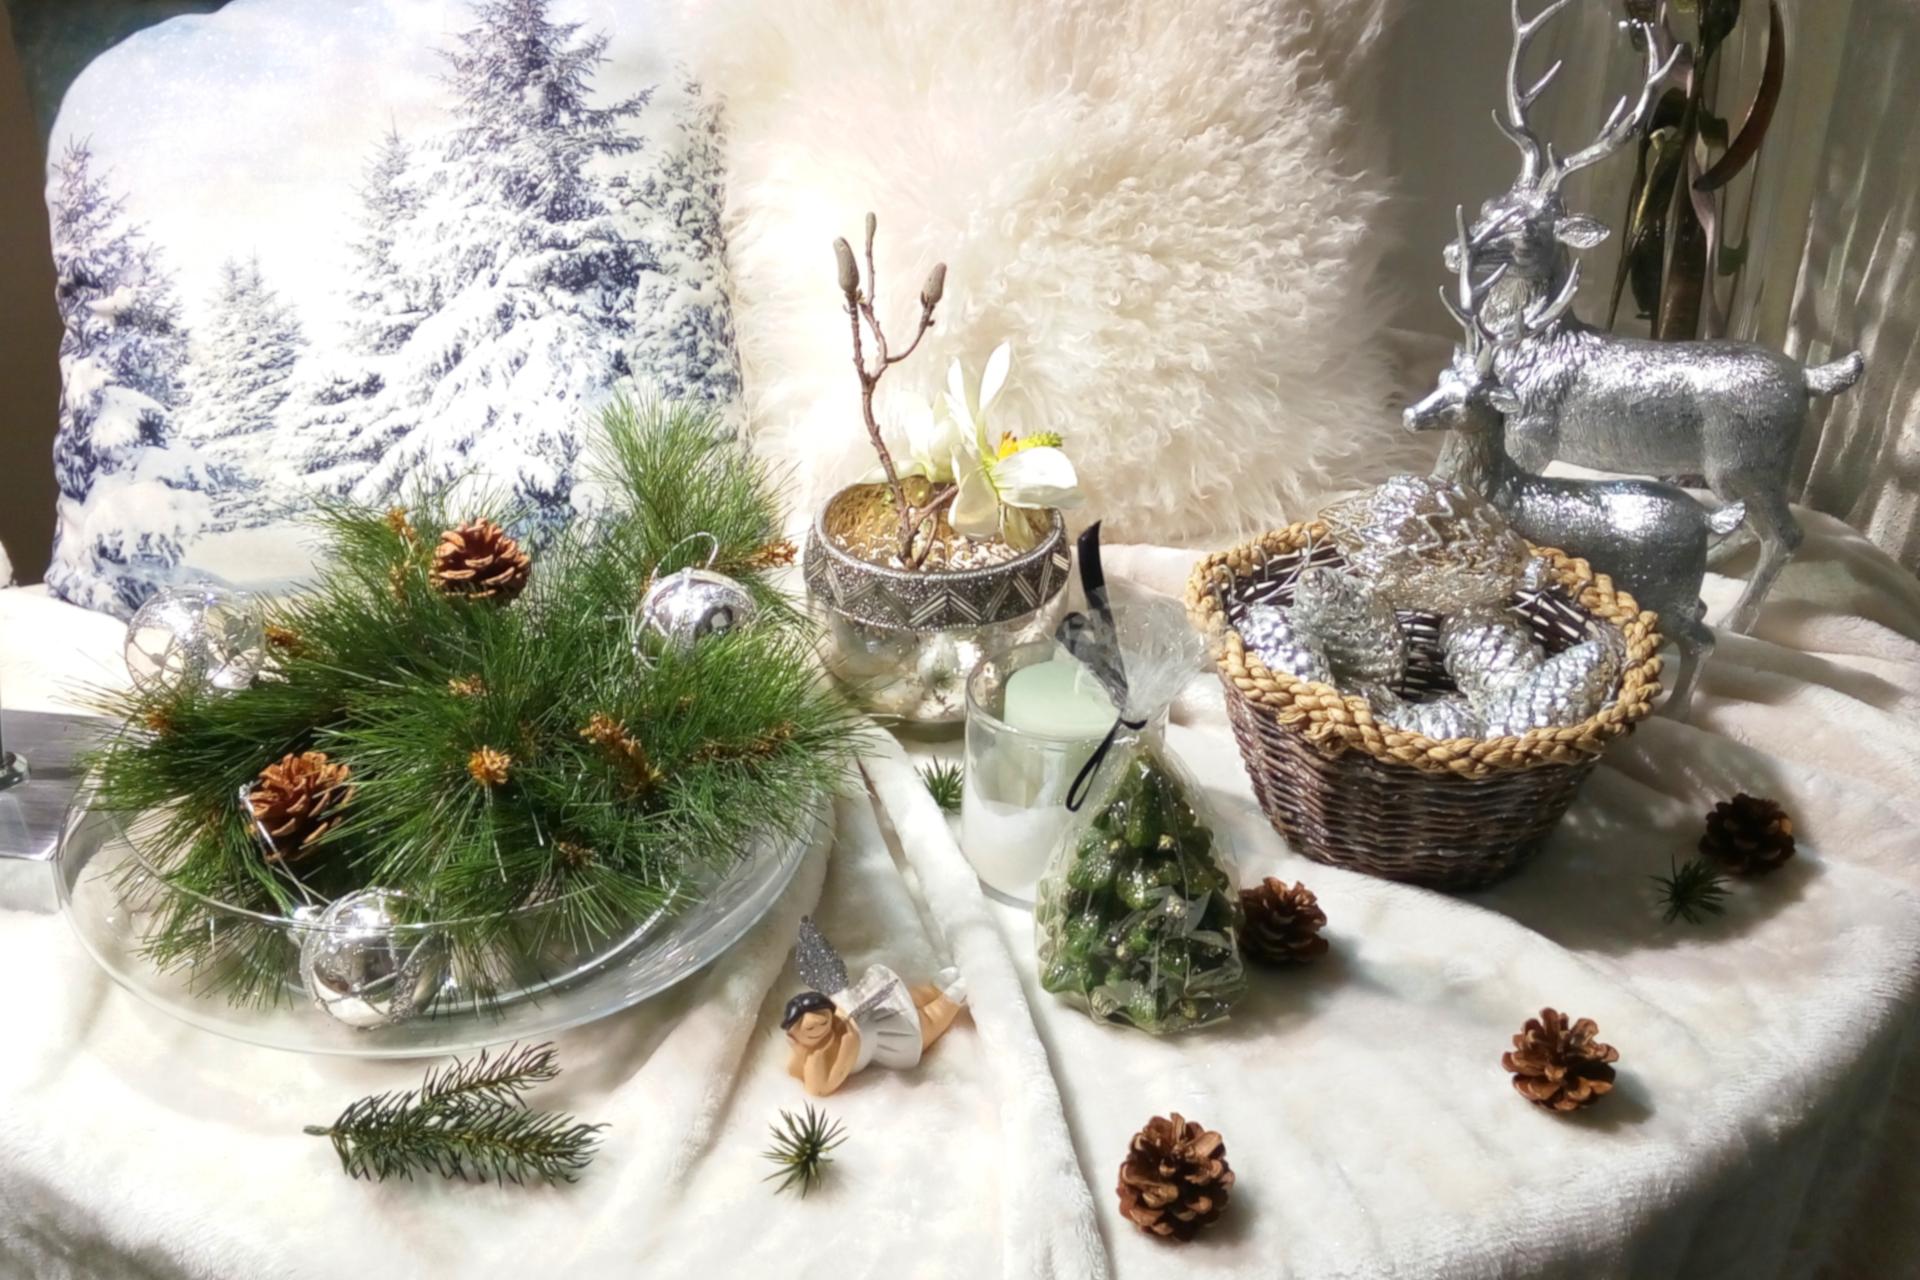 Dekoration Geschenke Weihnachten Home Kissen Hirsche